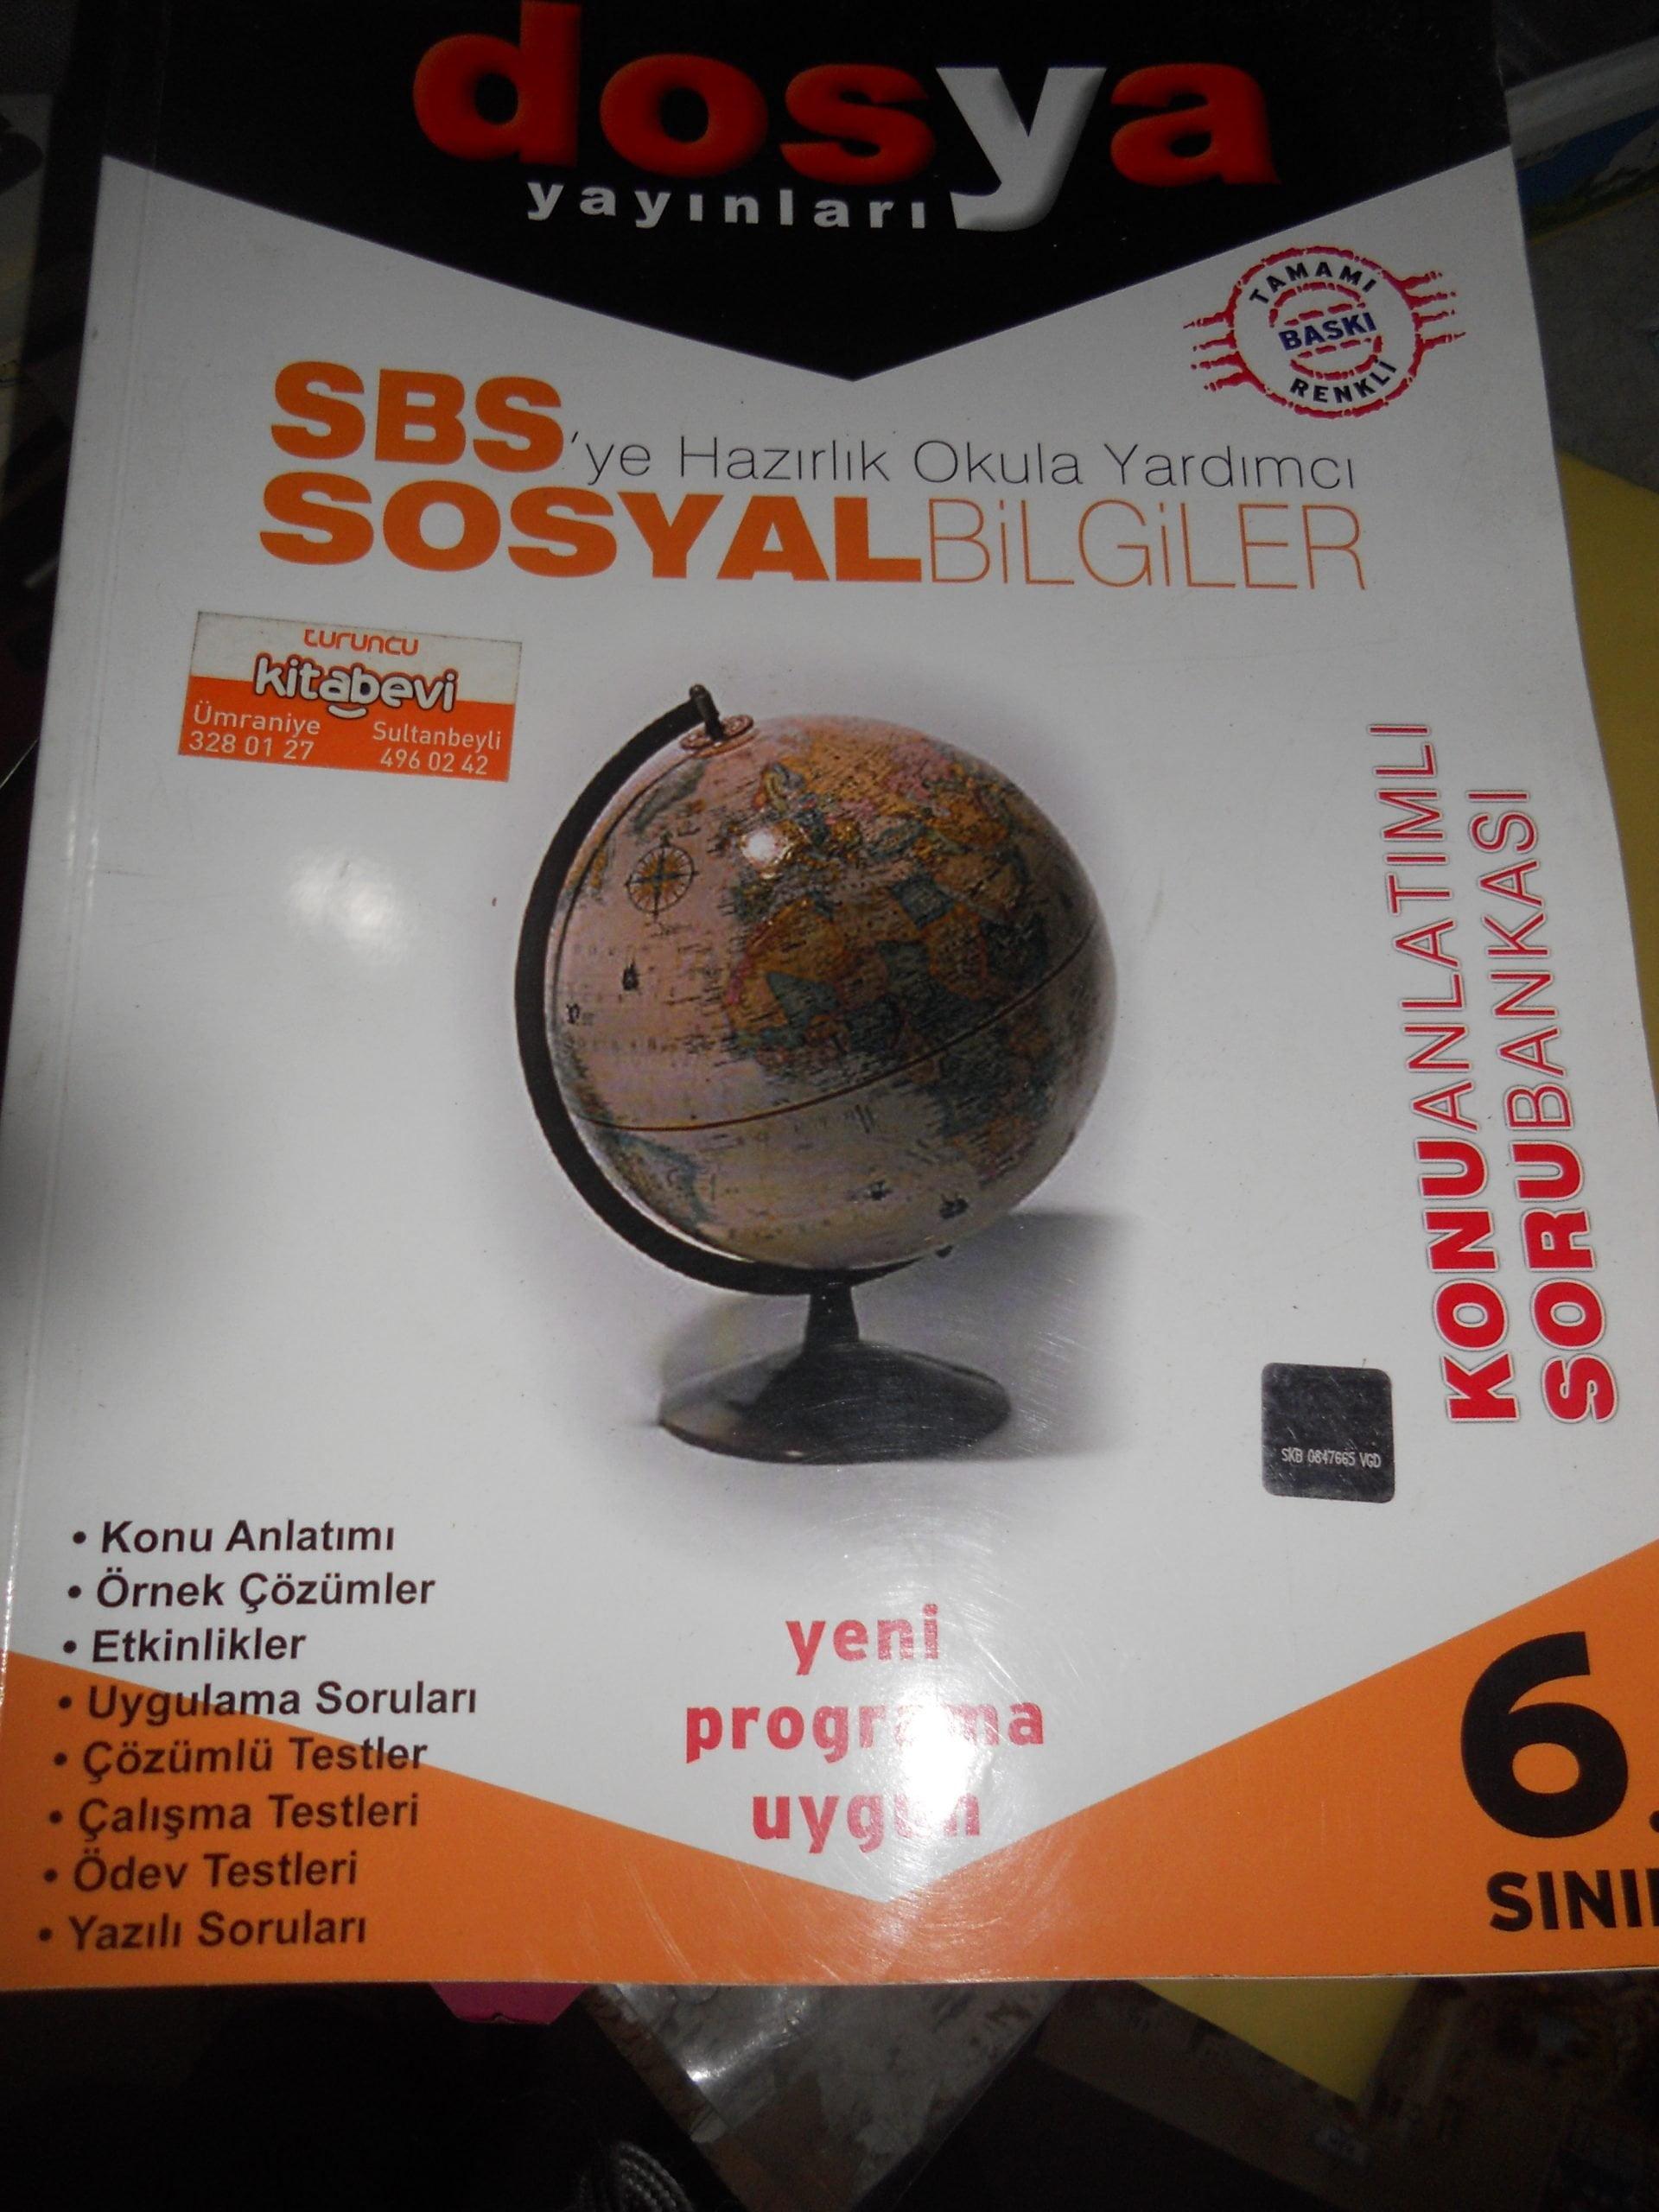 6.SINIF  SOSYAL BİLGİLER-Konu anlatımlı Soru Bankası/DOSYA YAY/15TL